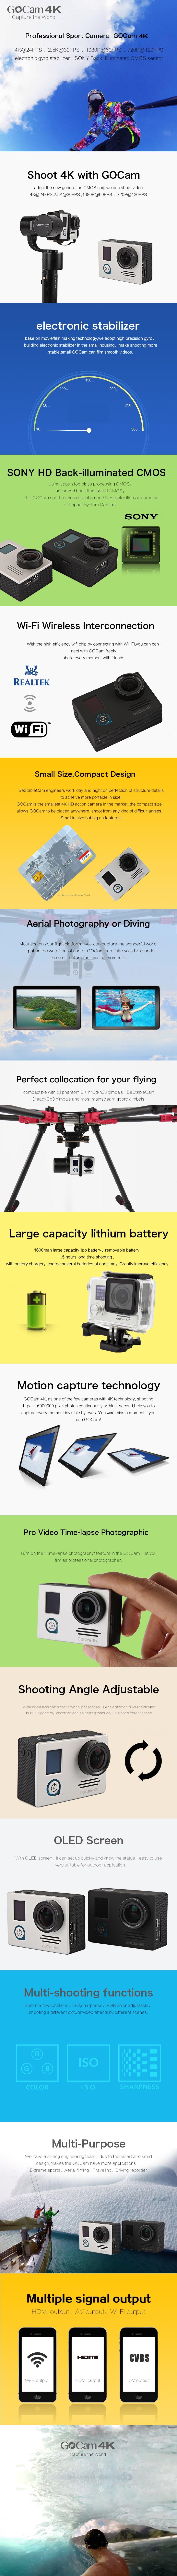 GoCam 4K FPV Action Camera